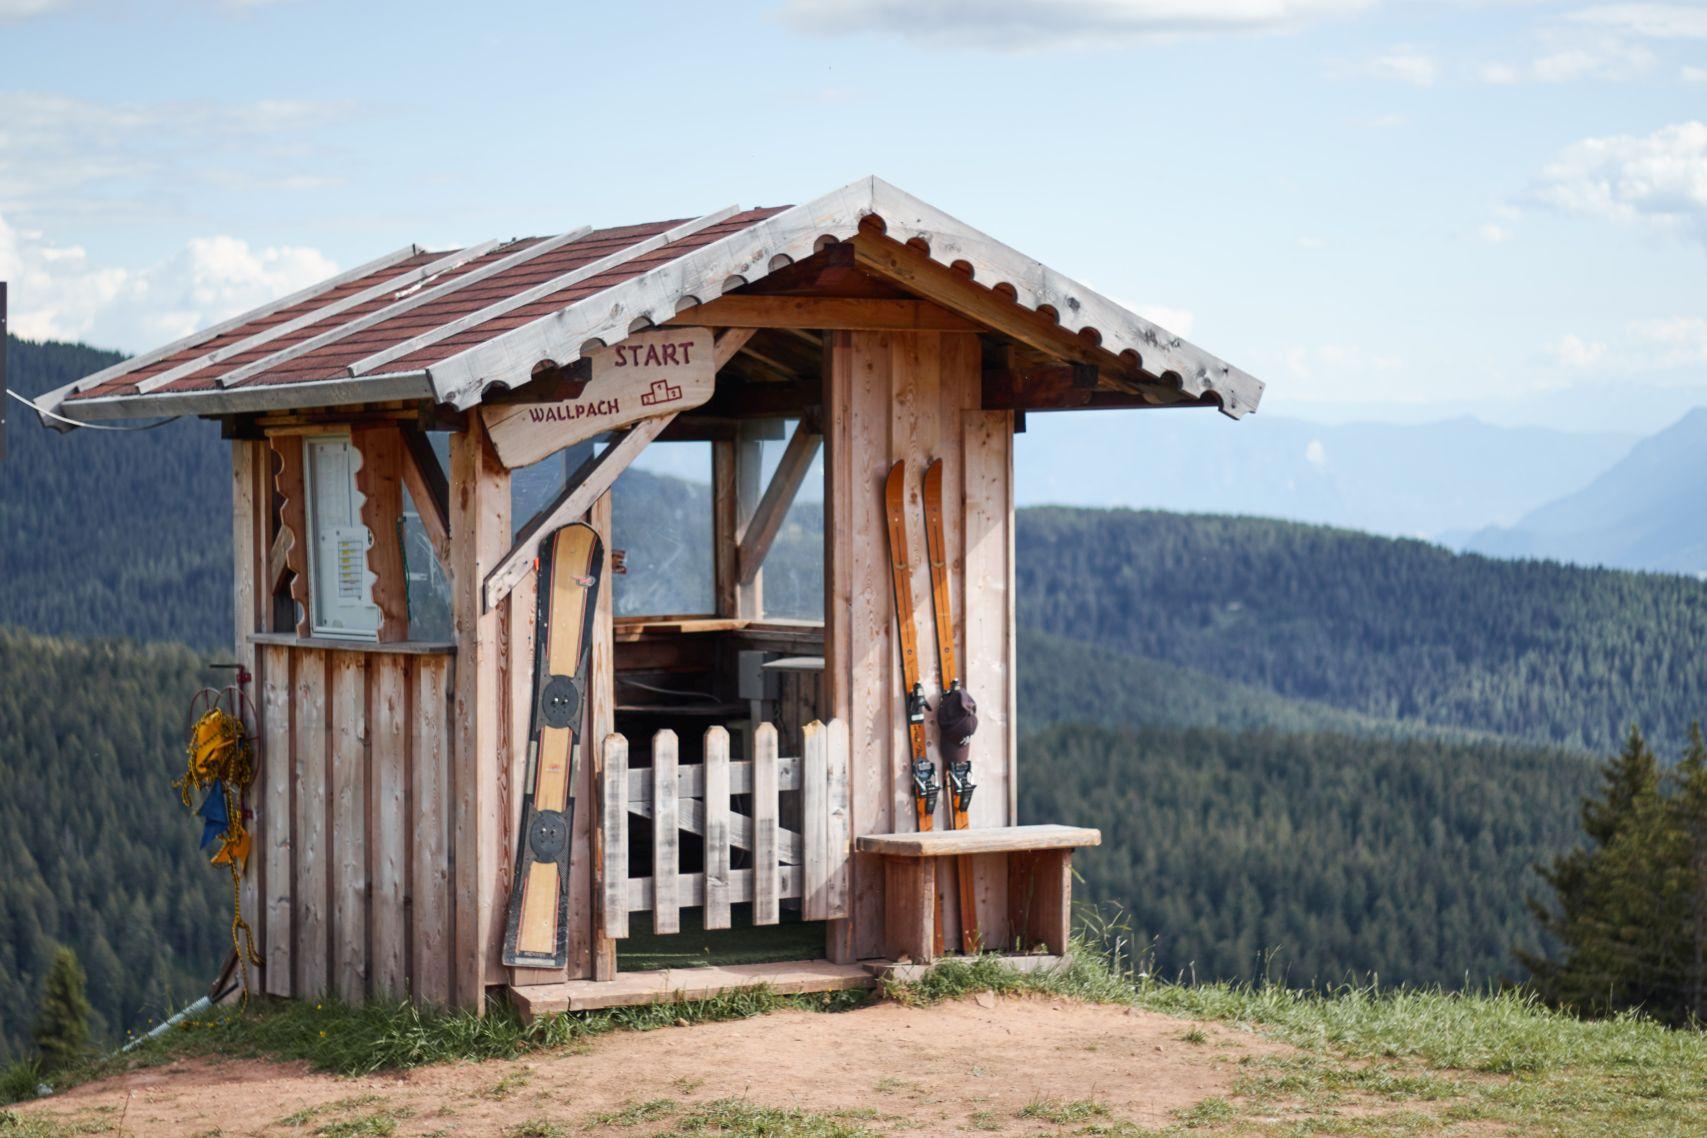 Hütte in der Nähe der Meran 2000 Seilbahn als eine der Meran Sehenswürdigkeiten